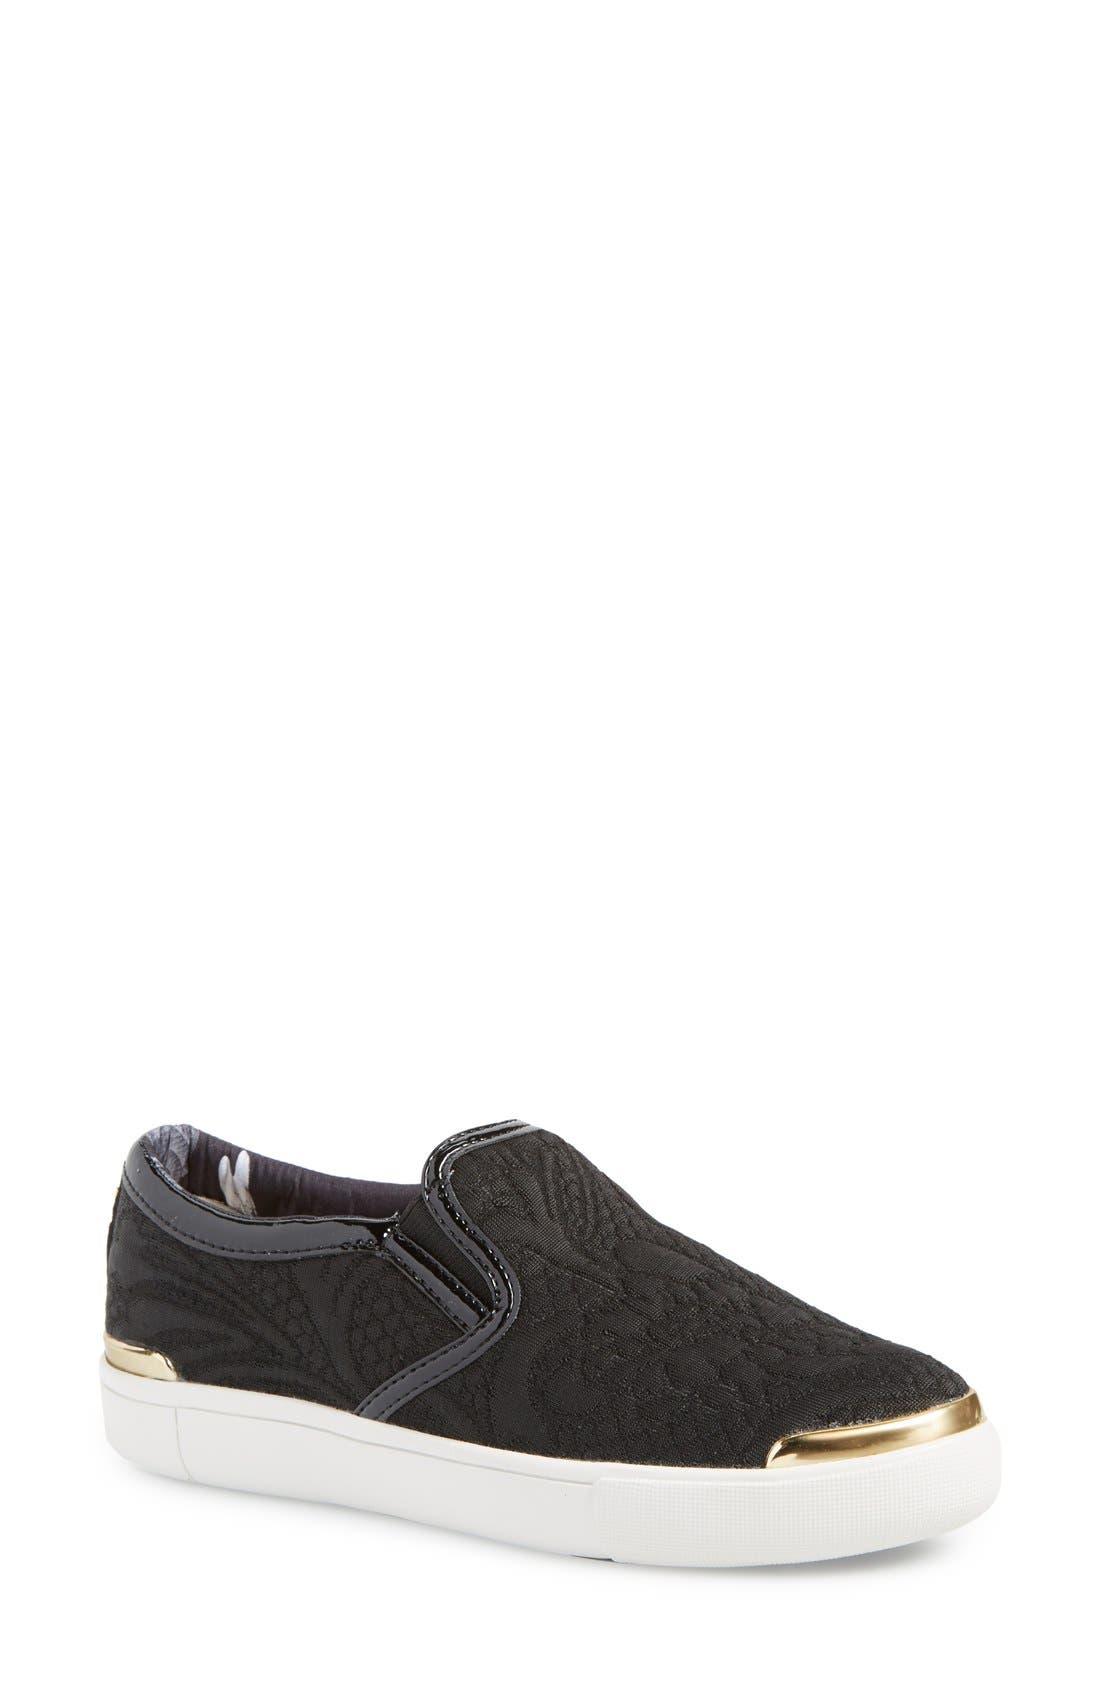 Main Image - Ted Baker London 'Mallbeck2' Slip-On Sneaker (Women)